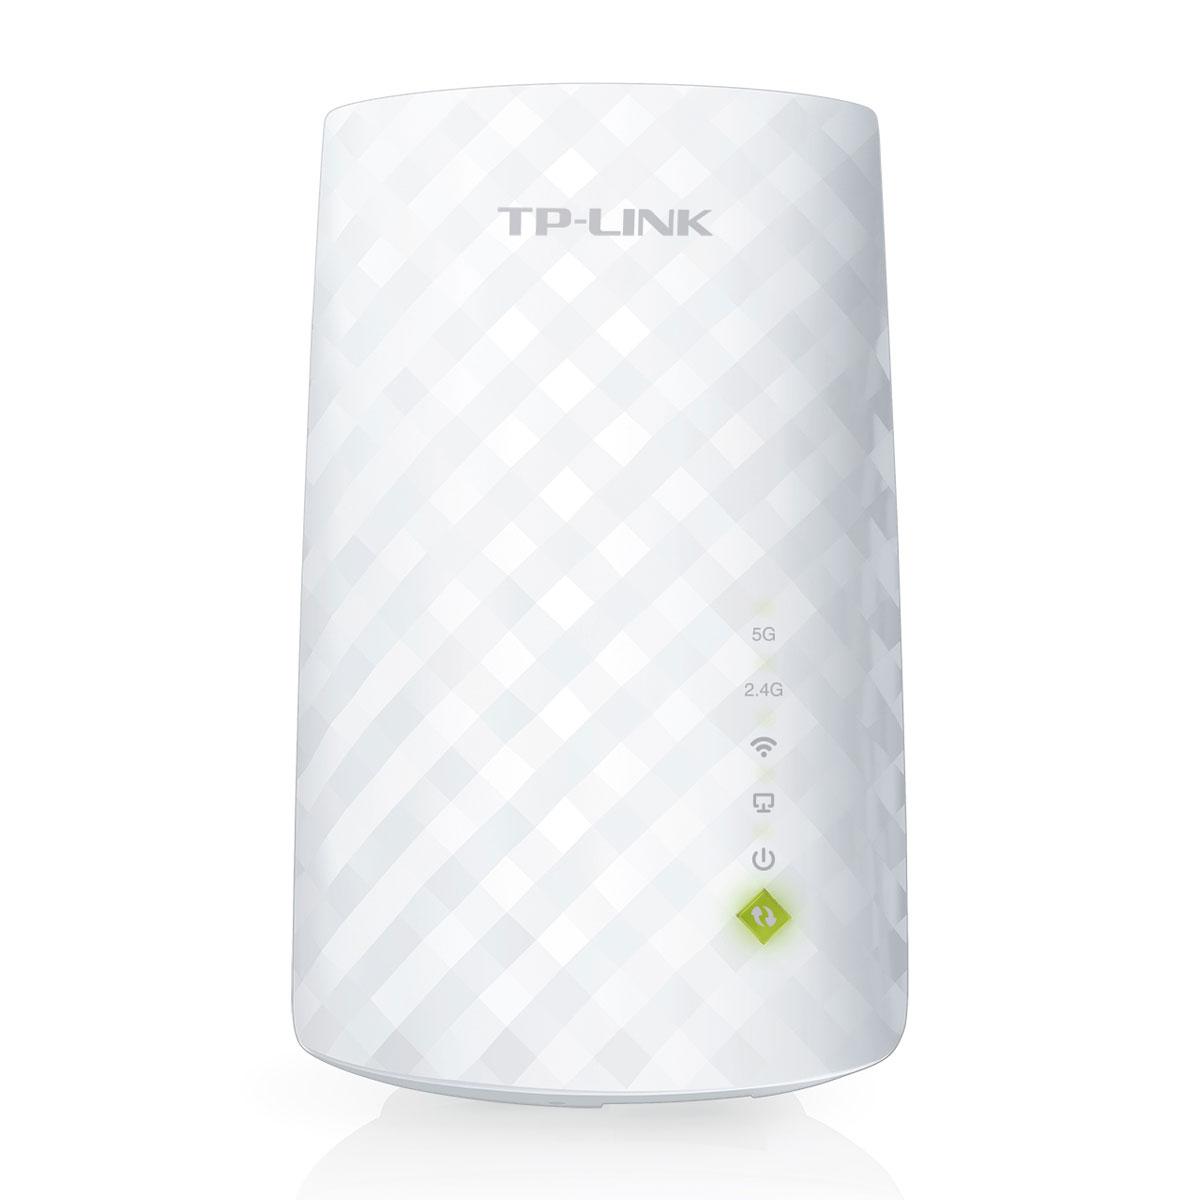 TP-Link RE200 - Répéteur WiFi AC 750 - Cybertek.fr - 1